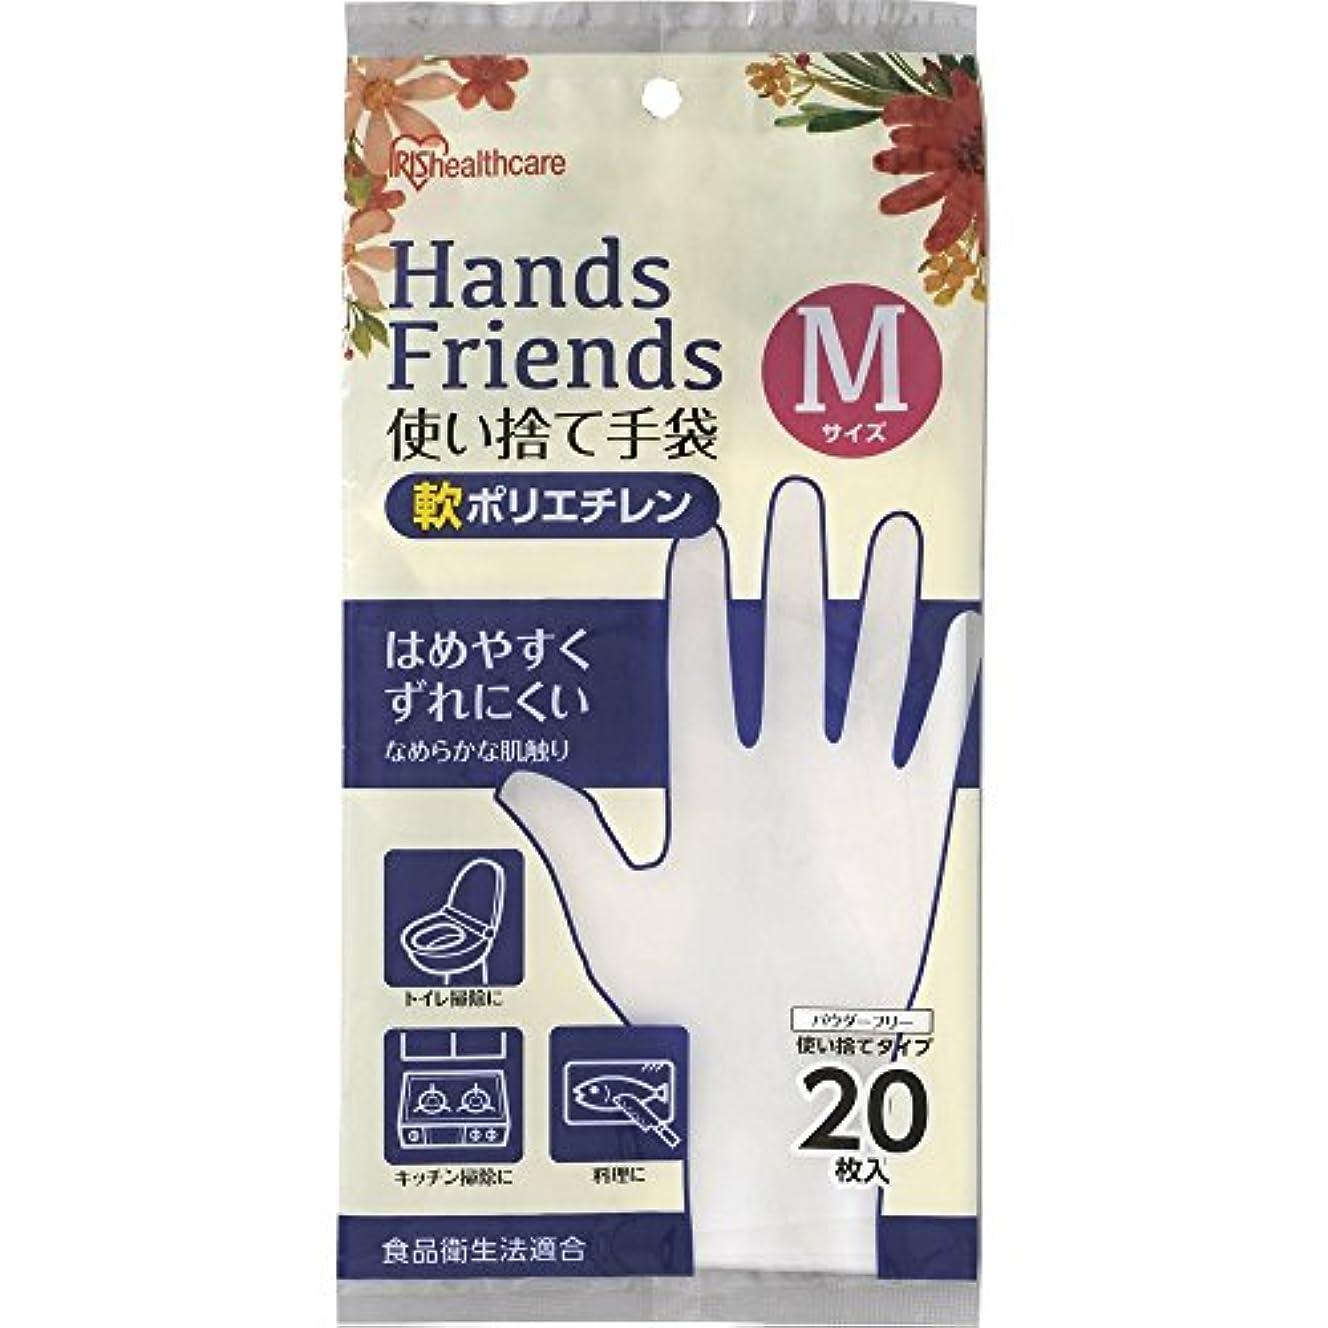 帝国主義嫌い鰐使い捨て手袋 軟ポリエチレン手袋 Mサイズ 粉なし パウダーフリー クリア 20枚入